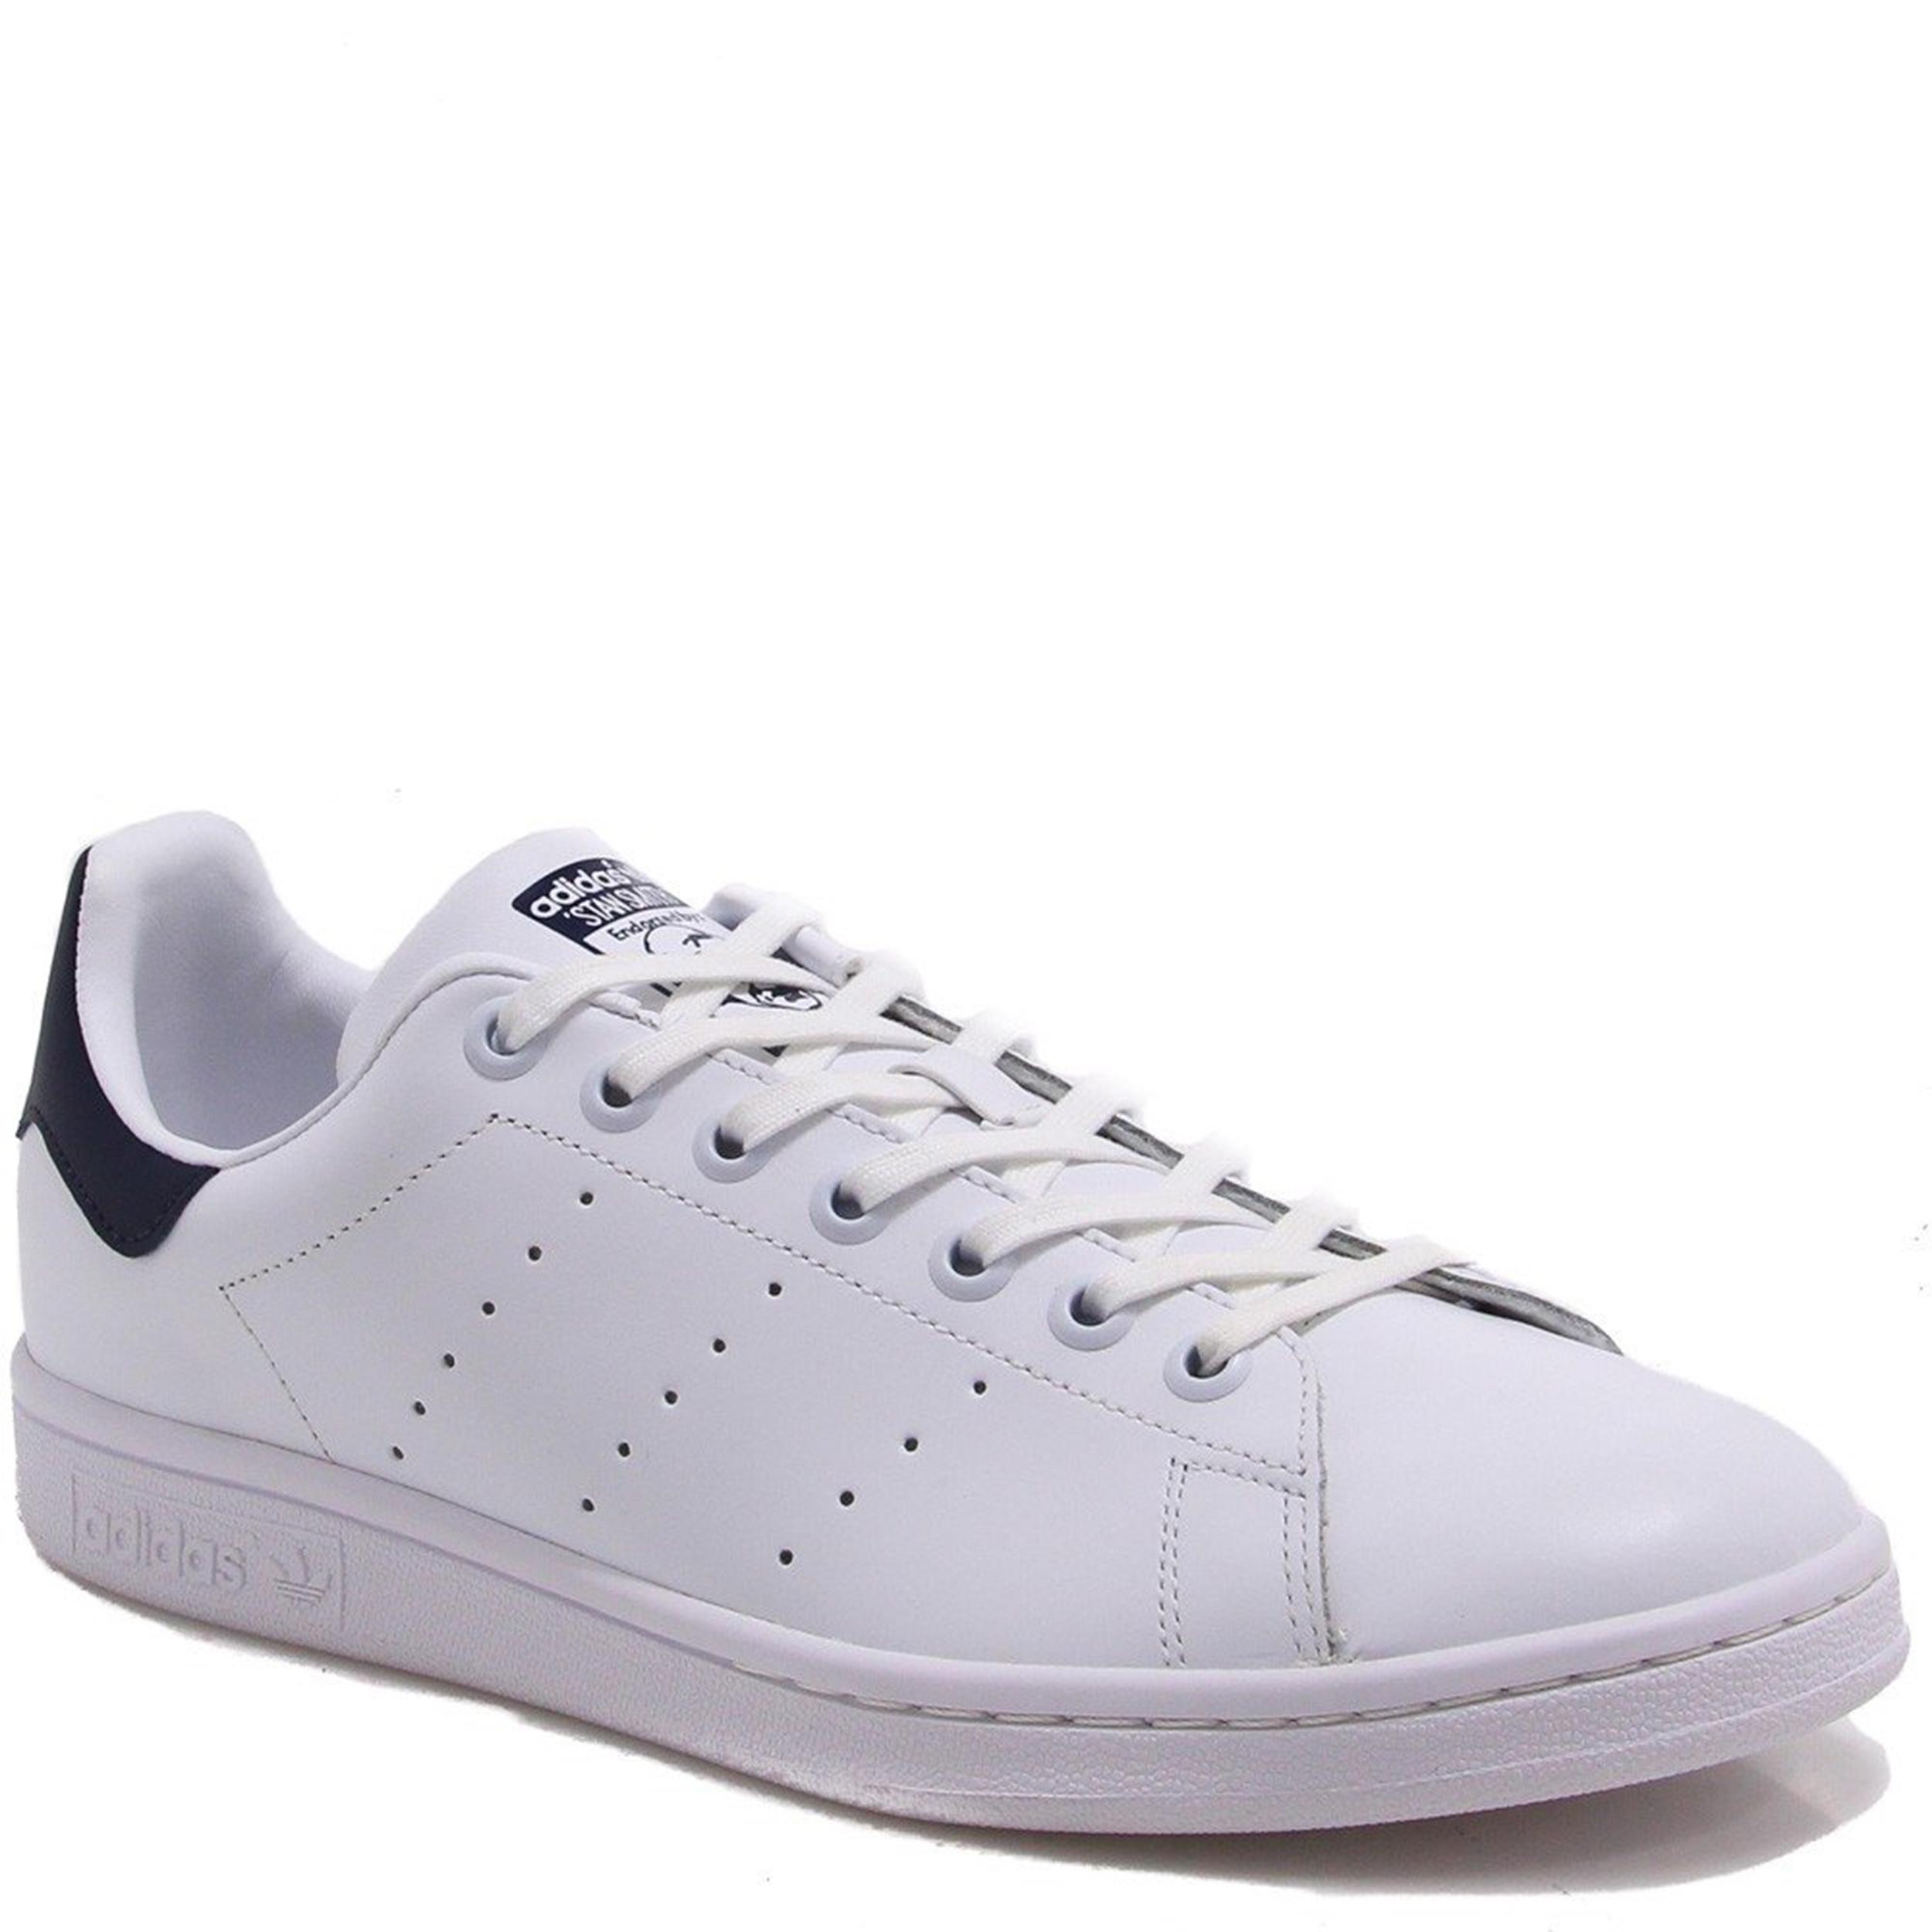 0ff57dae2 Tênis Adidas - Casuais e Esportivos | Betisa